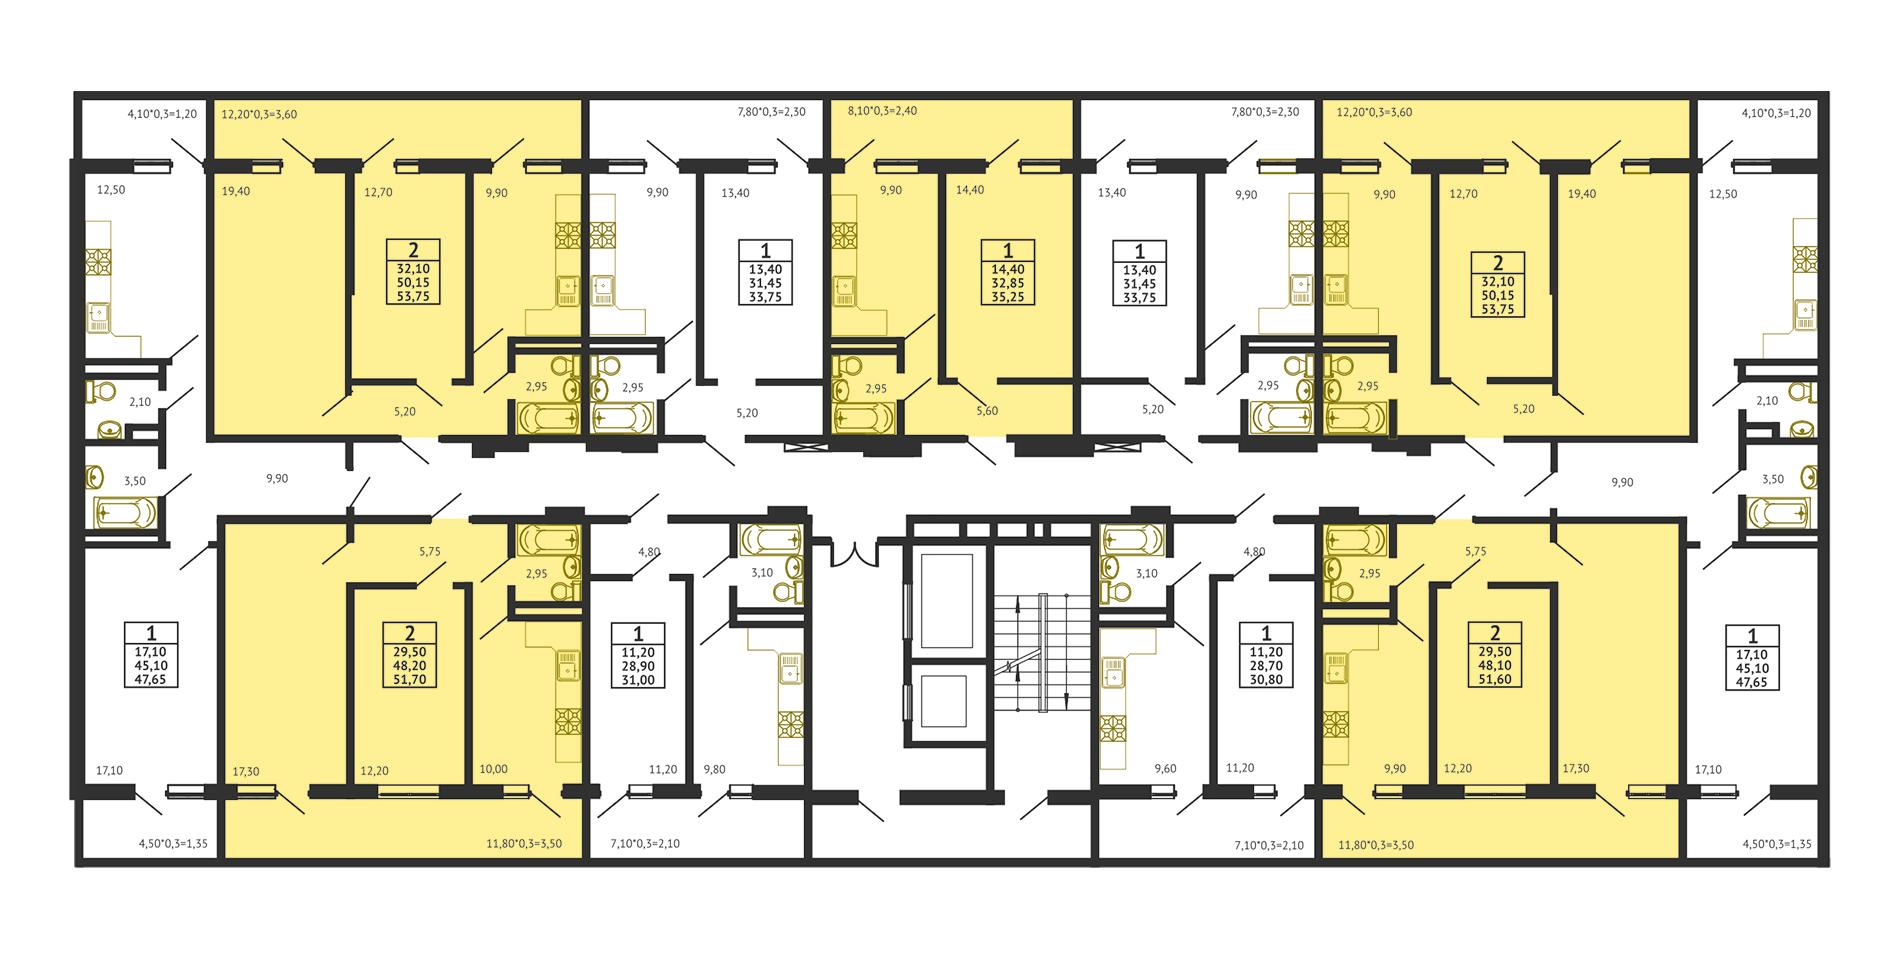 Планировка ЖК Оникс Литер 1 - Подъезд 3 - Этаж Типовой